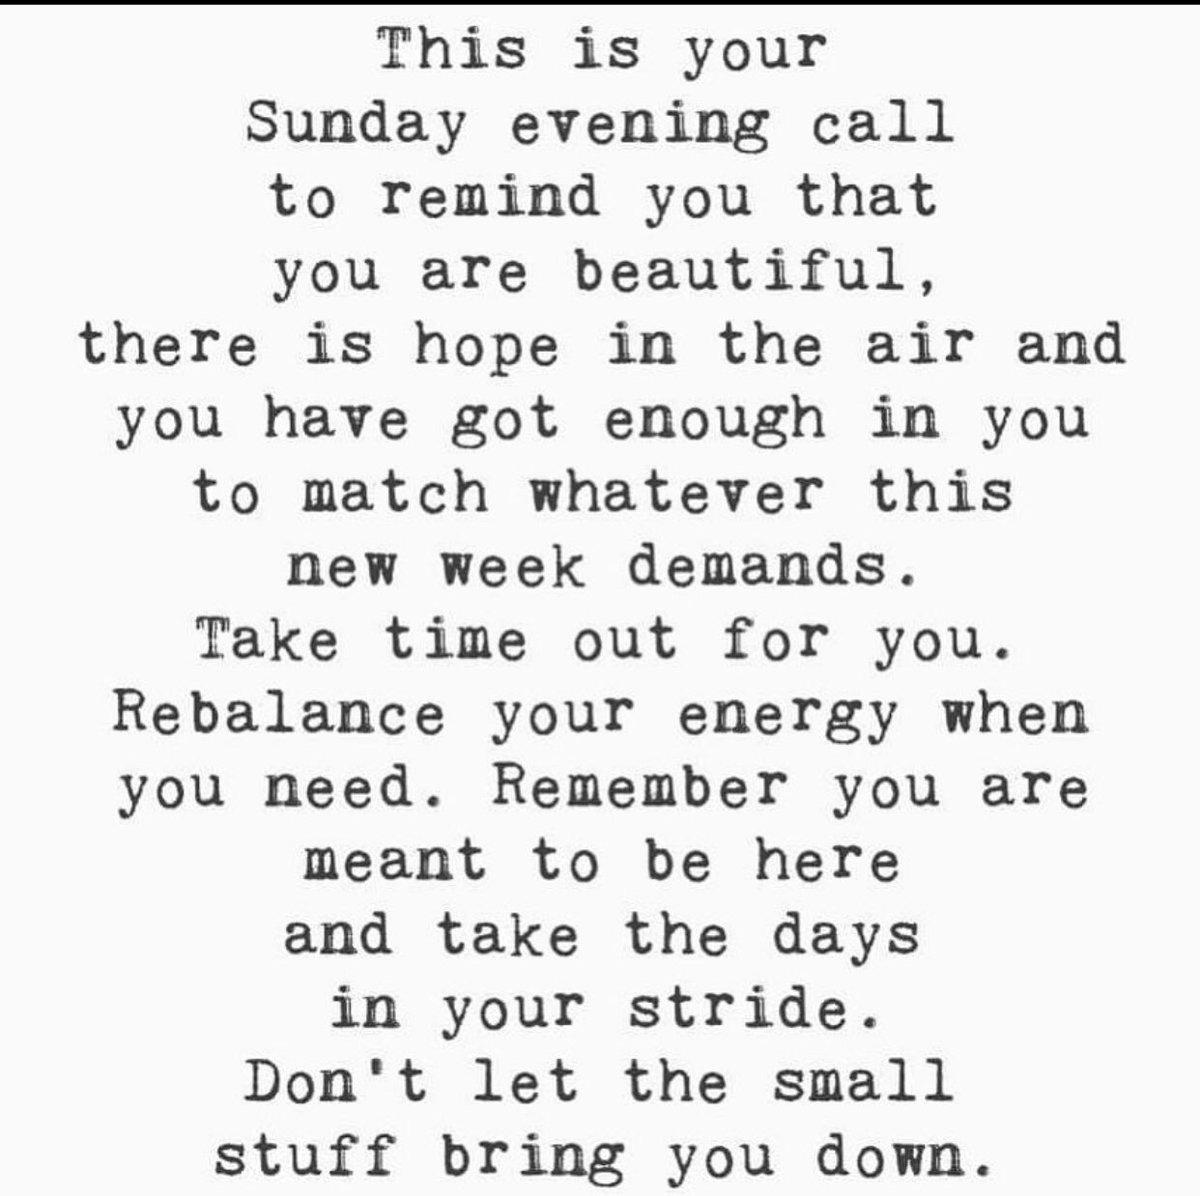 #SundayFunday #beautiful #hope #BeKind #Kindness #StaySafe #BeThankful